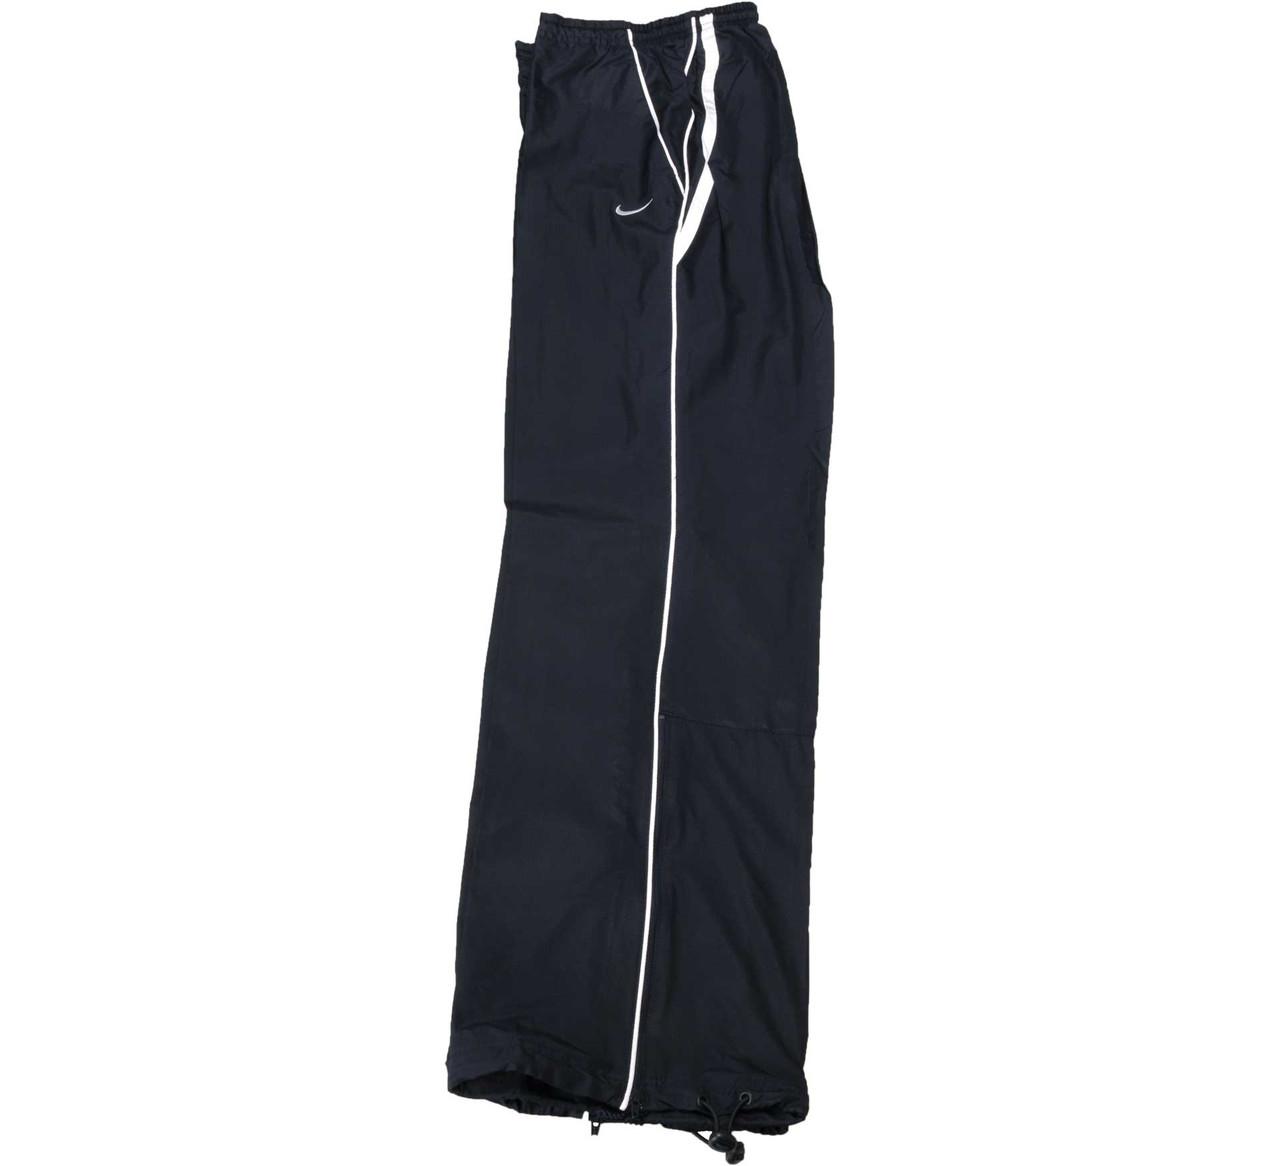 Брюки спортивные женские Nike Ws Woven Pant 296497 452 (черные, плащевка, для тренировок, прямые, бренд найк)